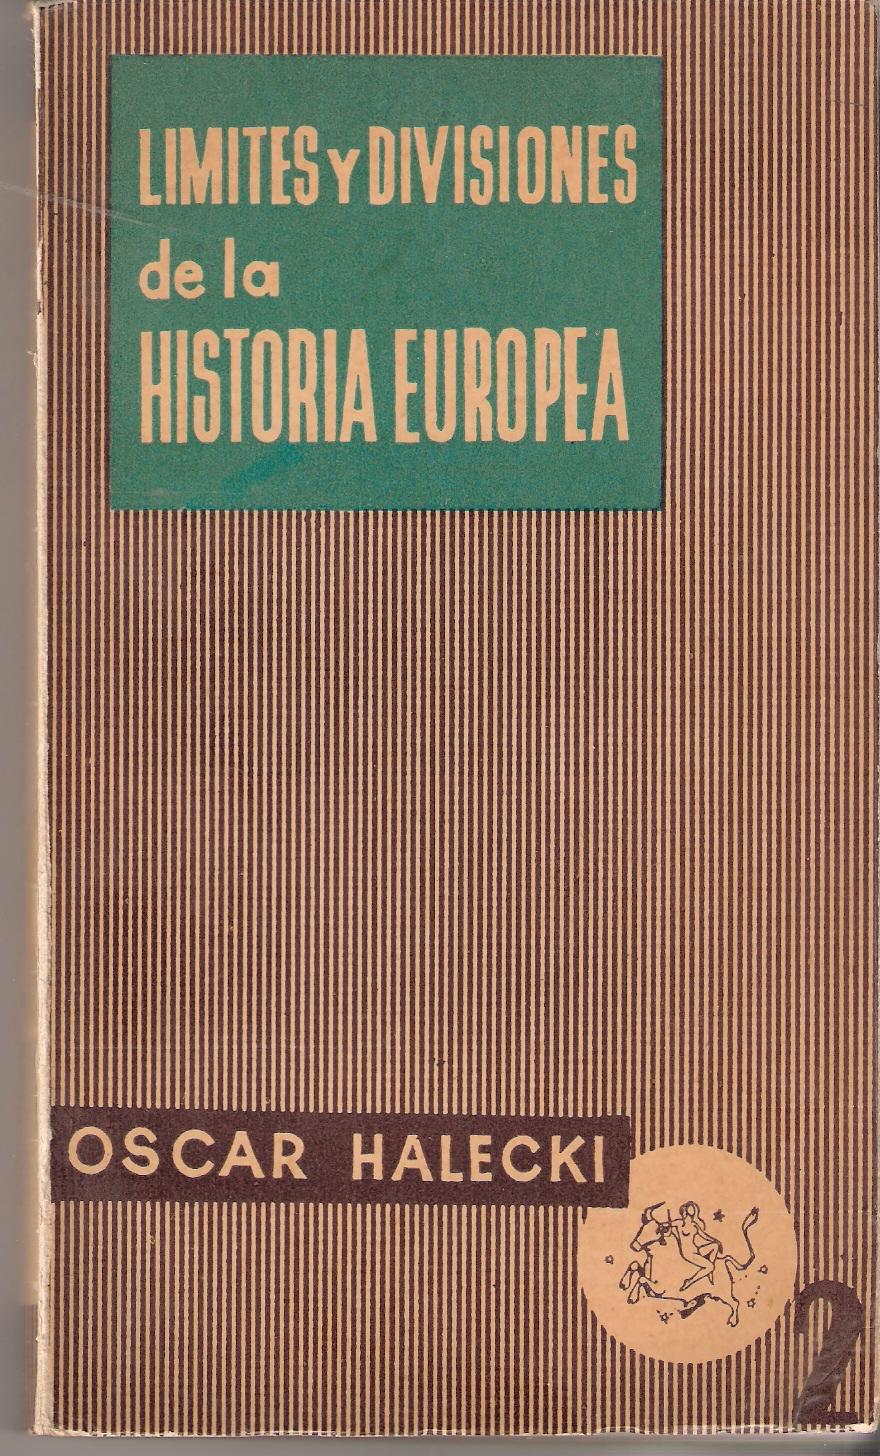 Limites y divisiones de la Historia Europea